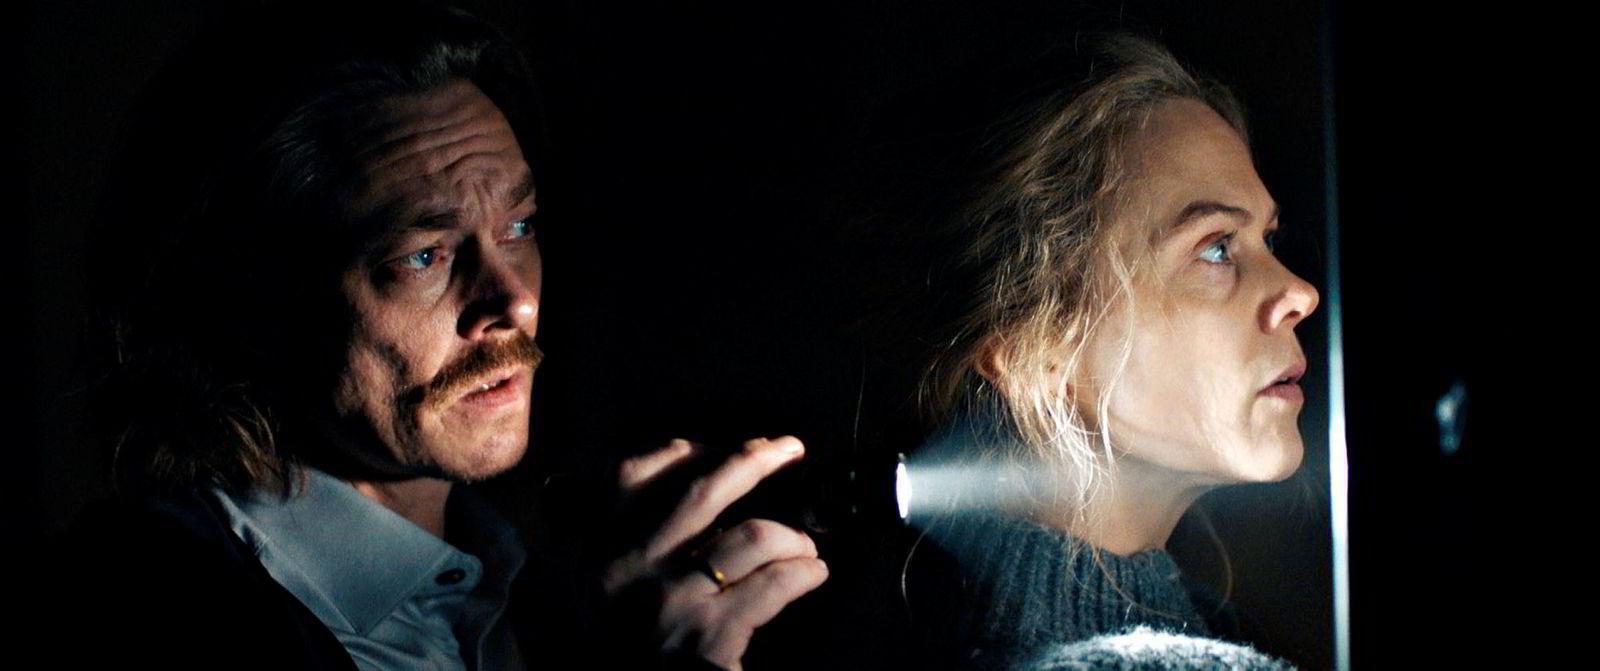 Hovedrolleinnehaverne Kristoffer Joner (Kristian) og Ane Dahl Torp (Idun) kjemper for livet når Oslo rammes av et massivt jordskjelv i spillefilmen «Skjelvet».